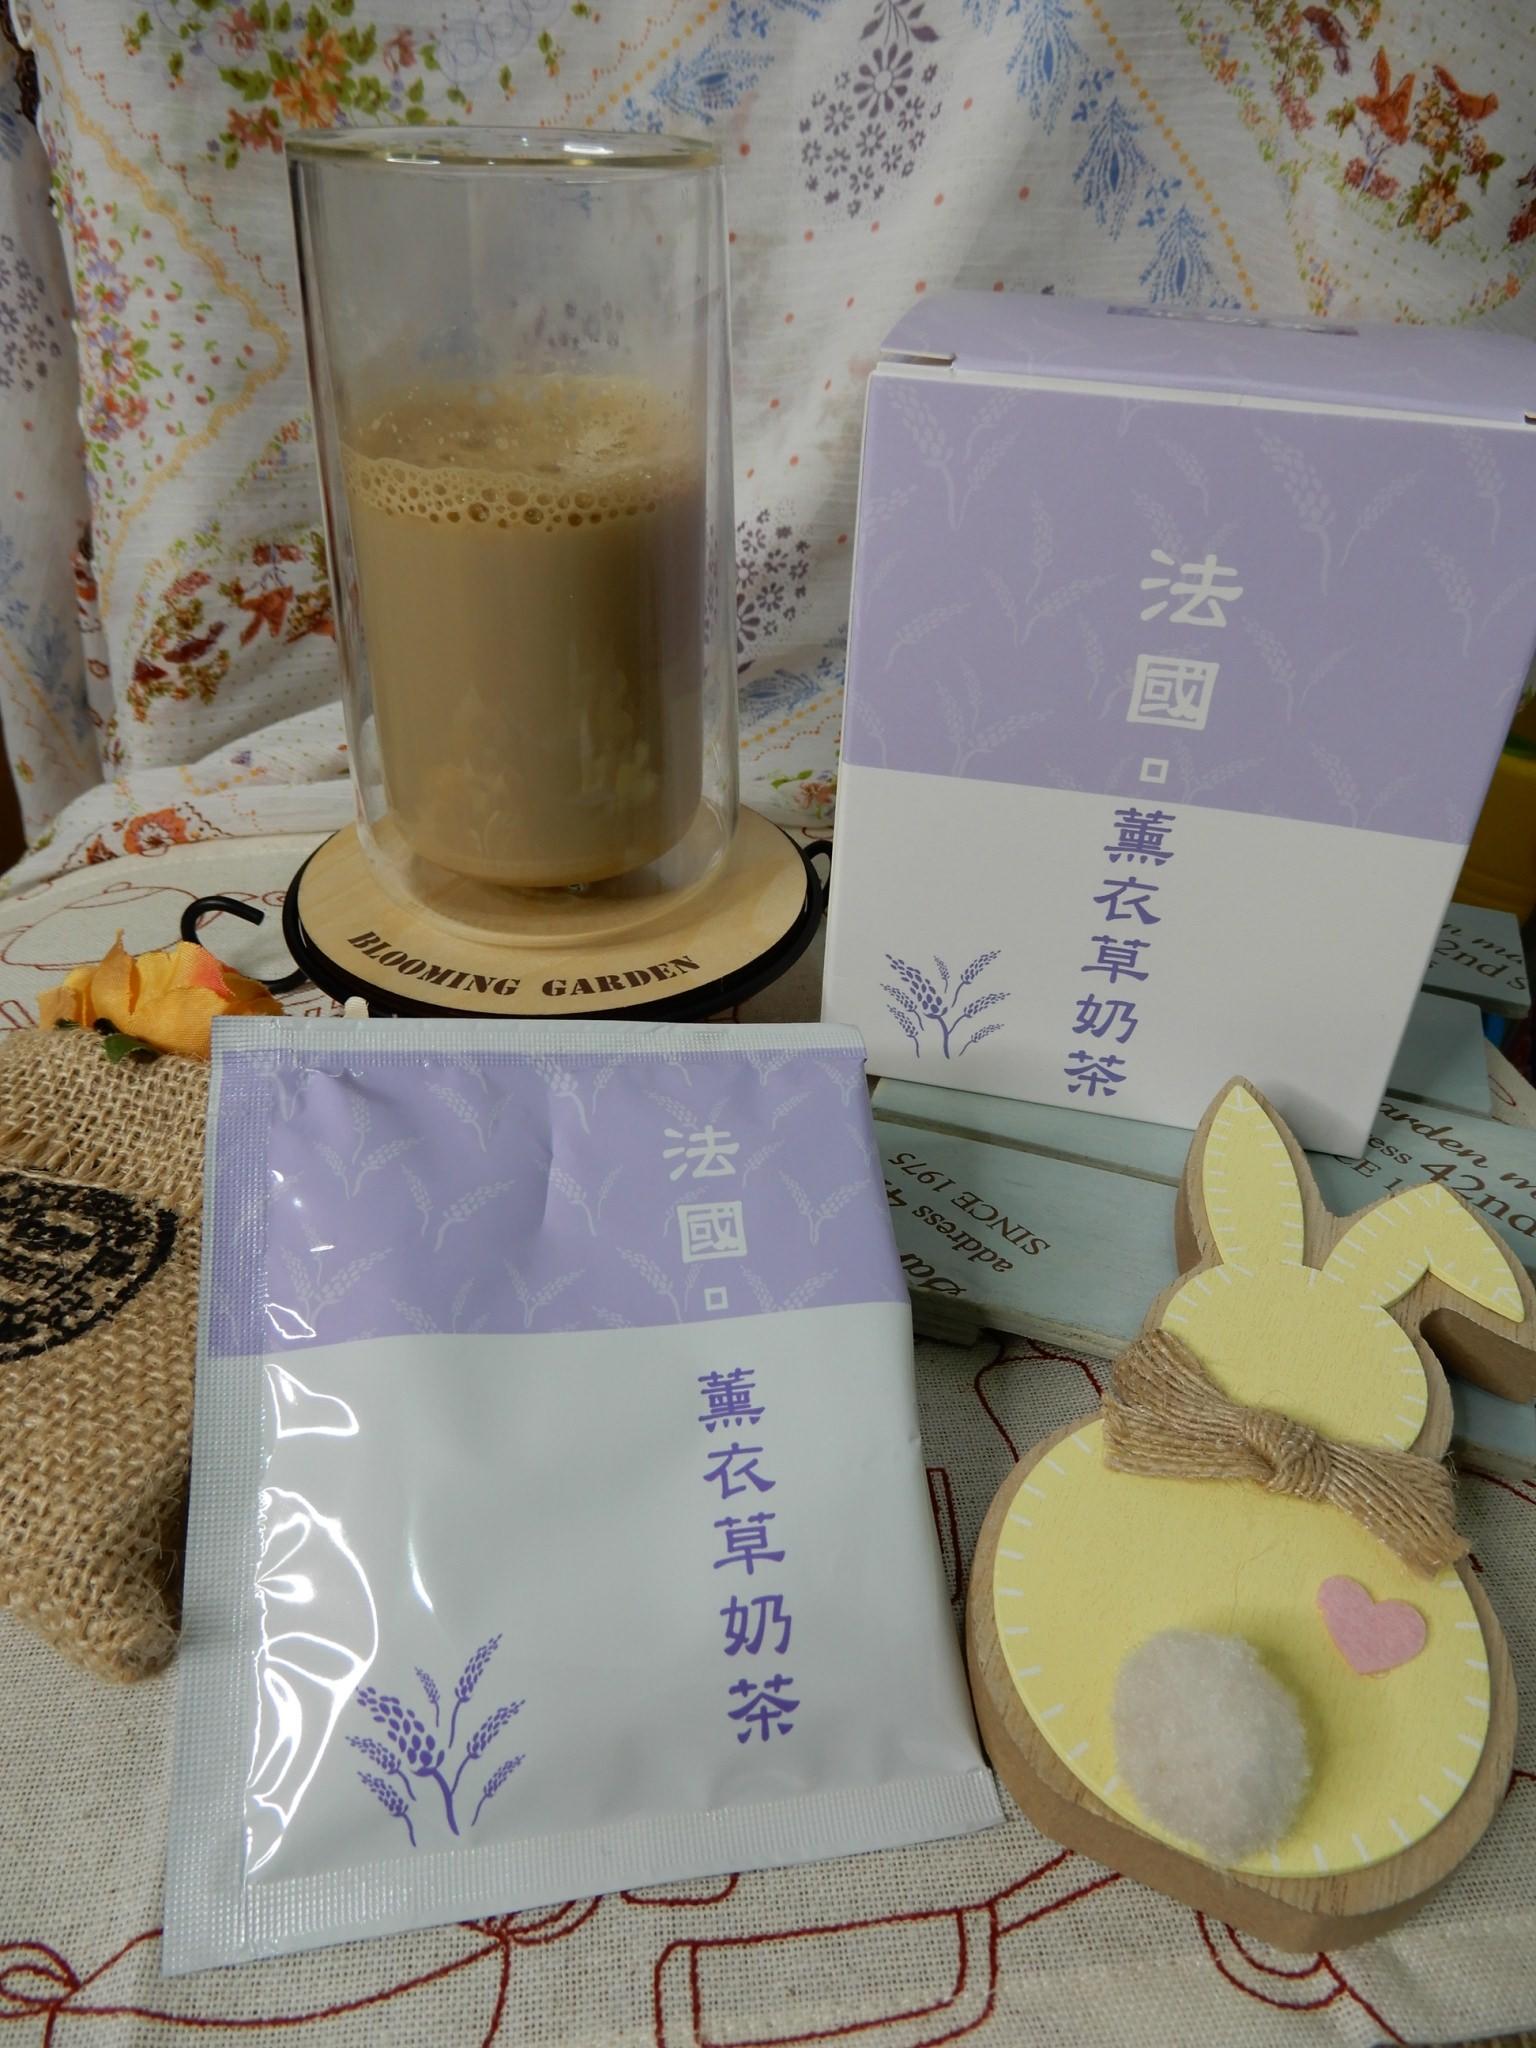 母奶媽媽發奶必備奶茶 | 推薦富含膳食纖維的菲奶茶: 大雁鮮奶茶/紫米奶茶/薰衣草奶茶/綠奶茶